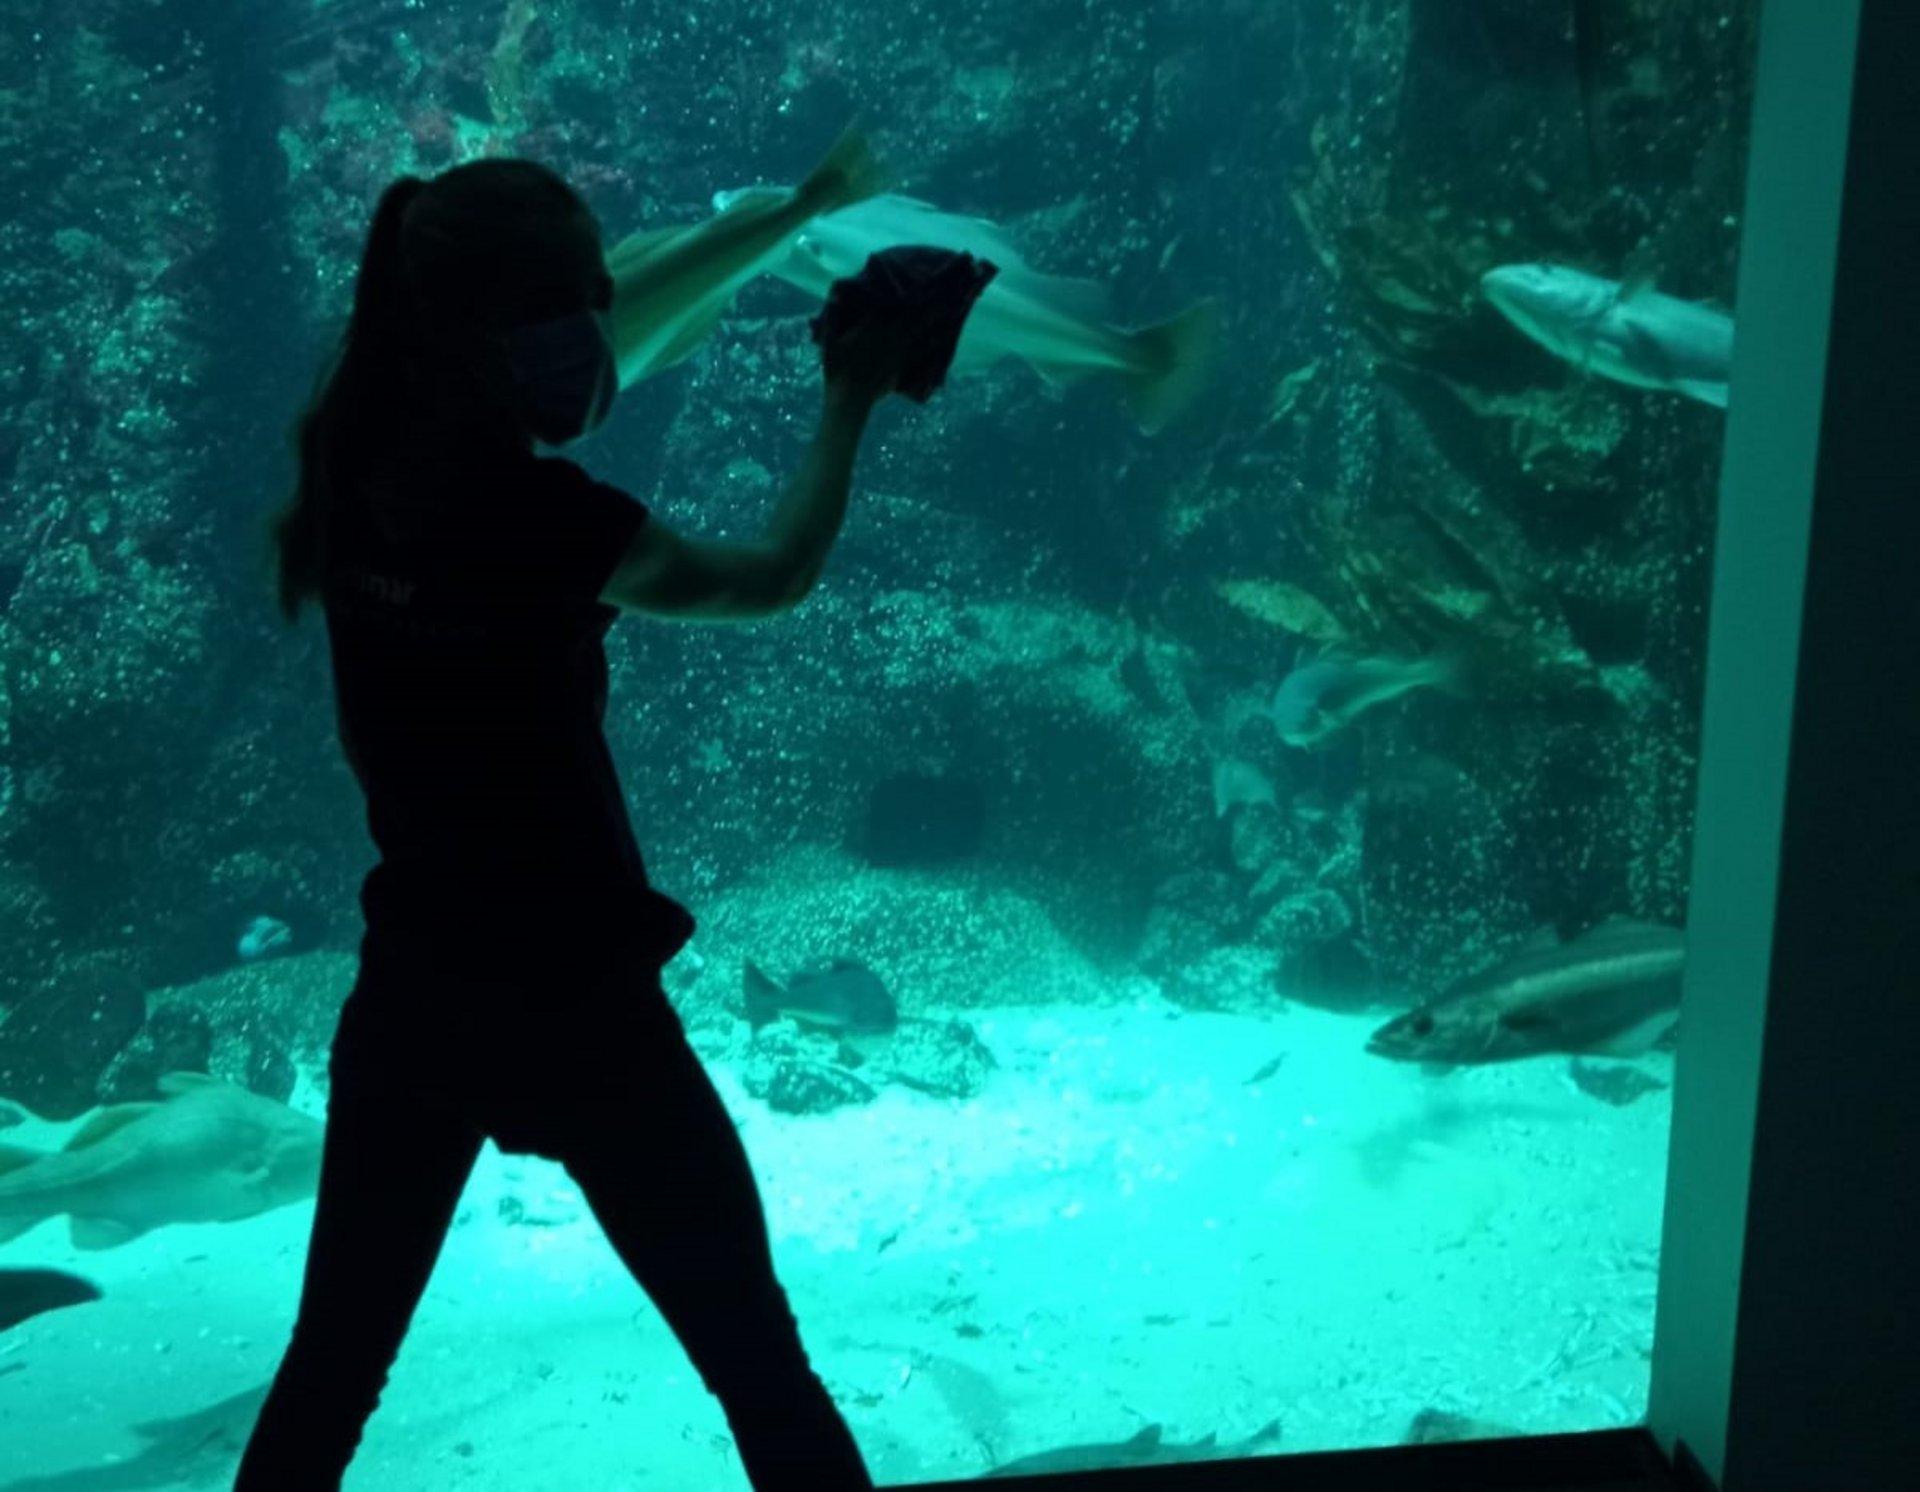 Blick in ein großes Aquarium